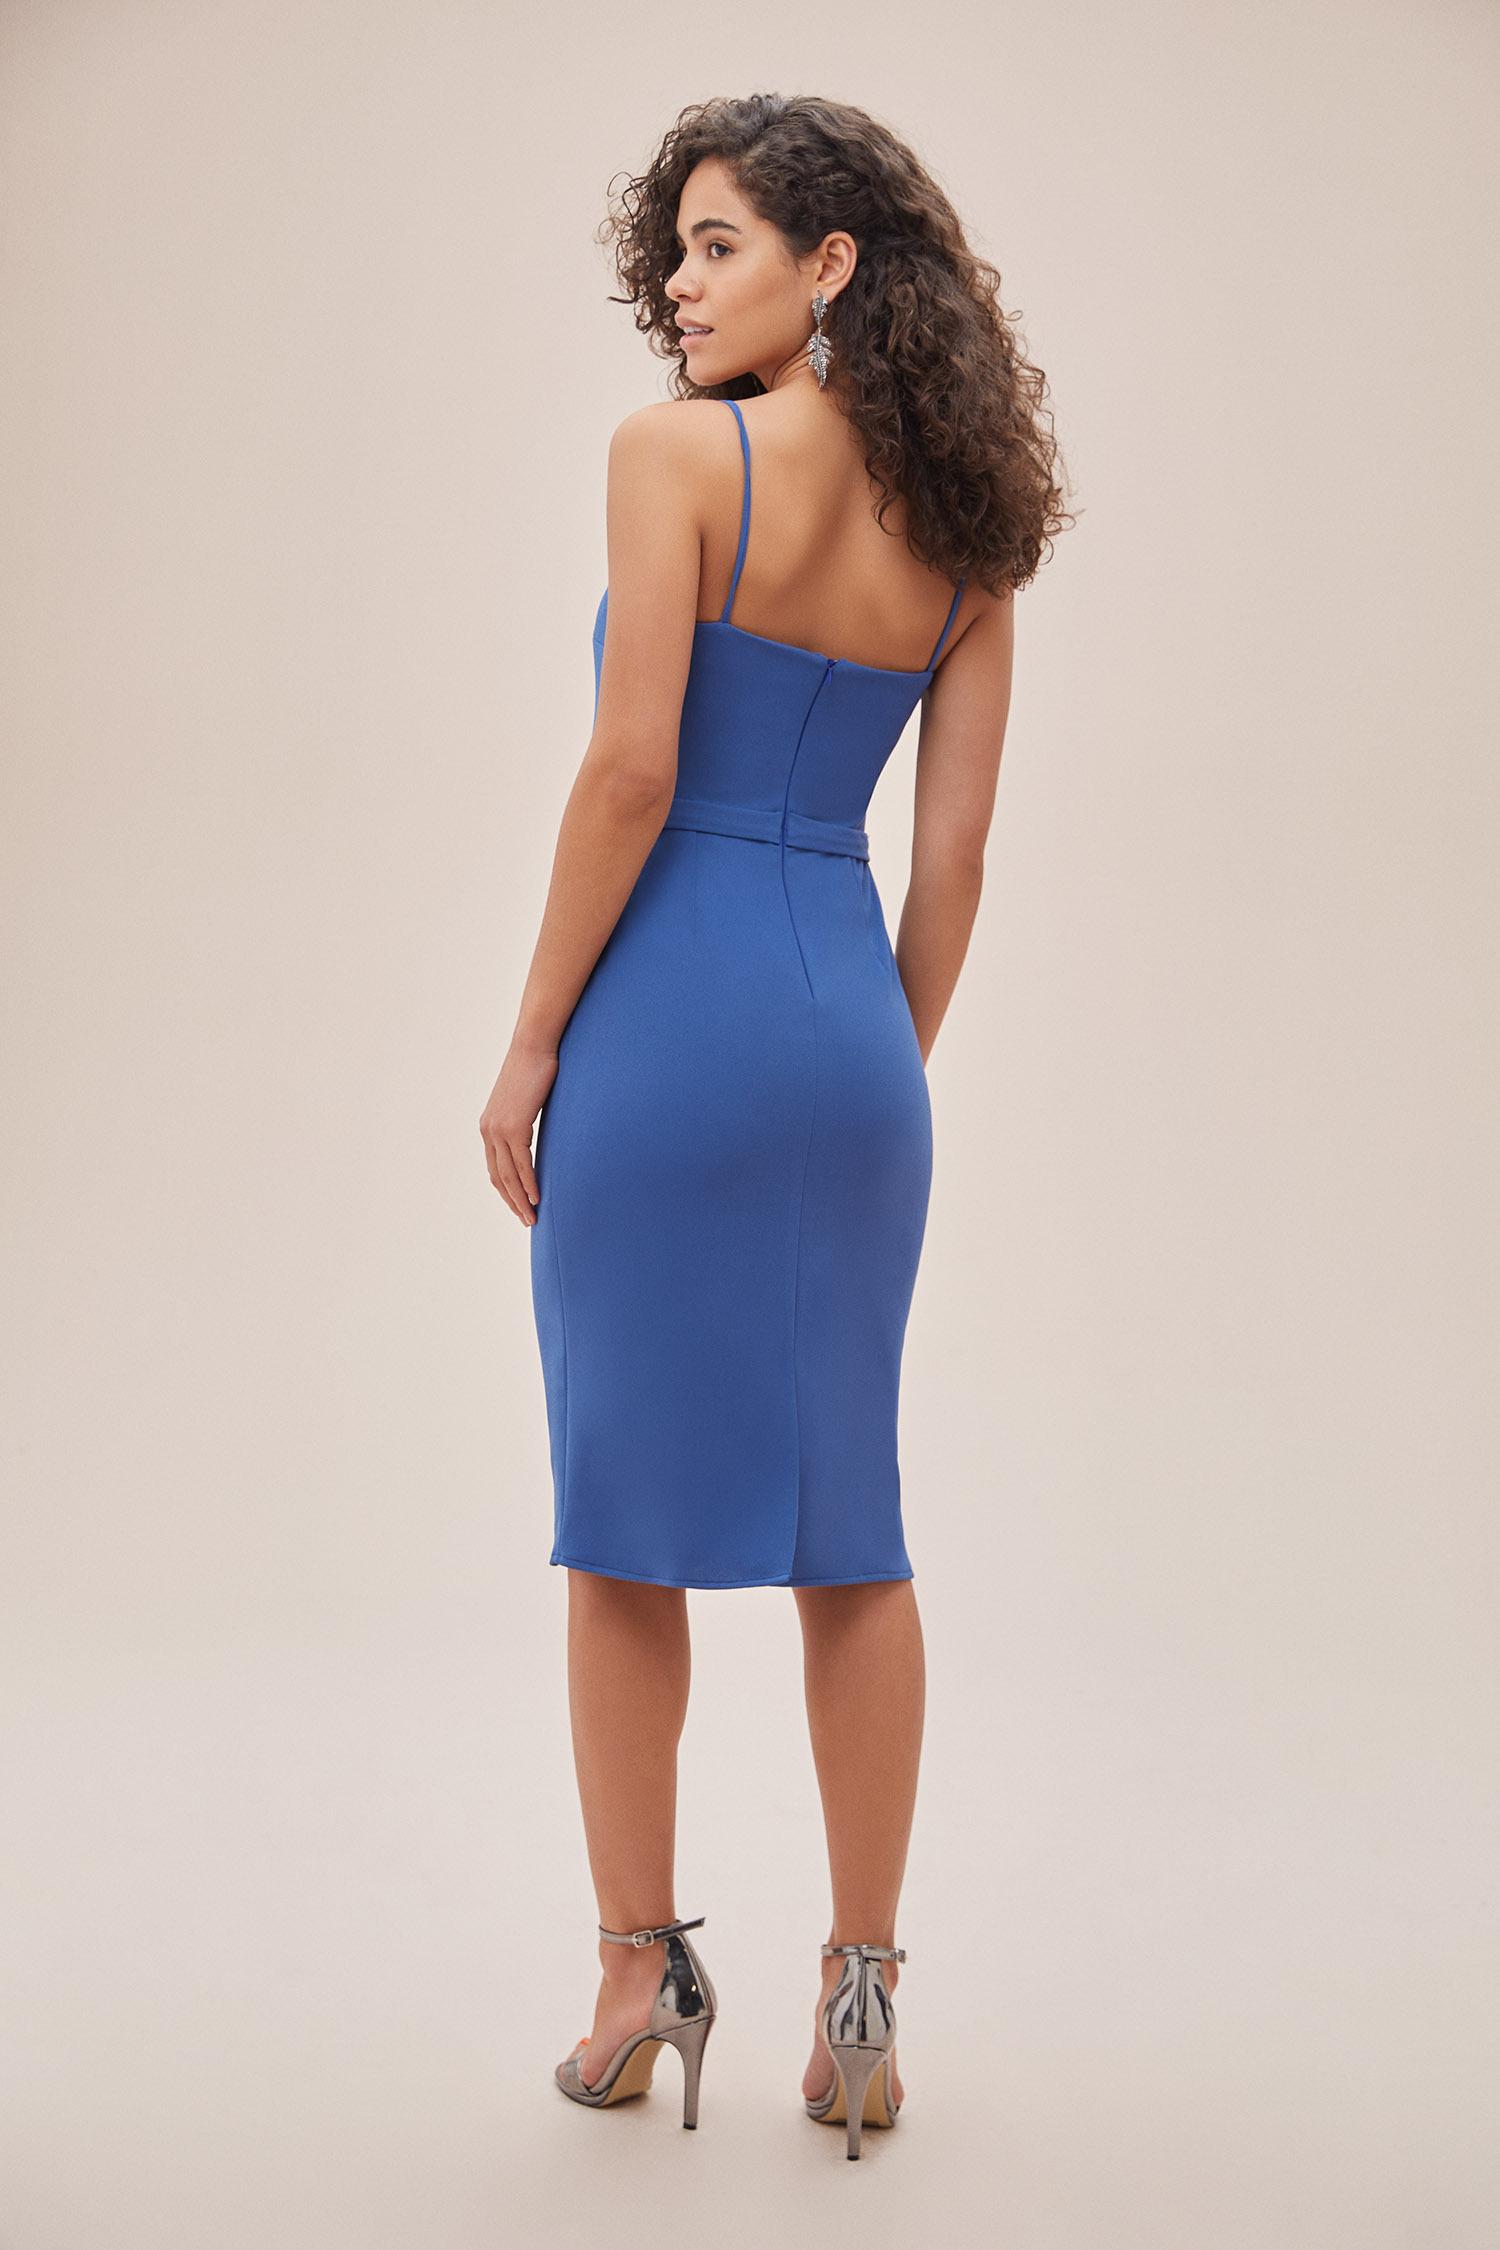 OLEG CASSINI TR - Çivit Mavisi İnce Askılı Midi Boy Krep Elbise (1)